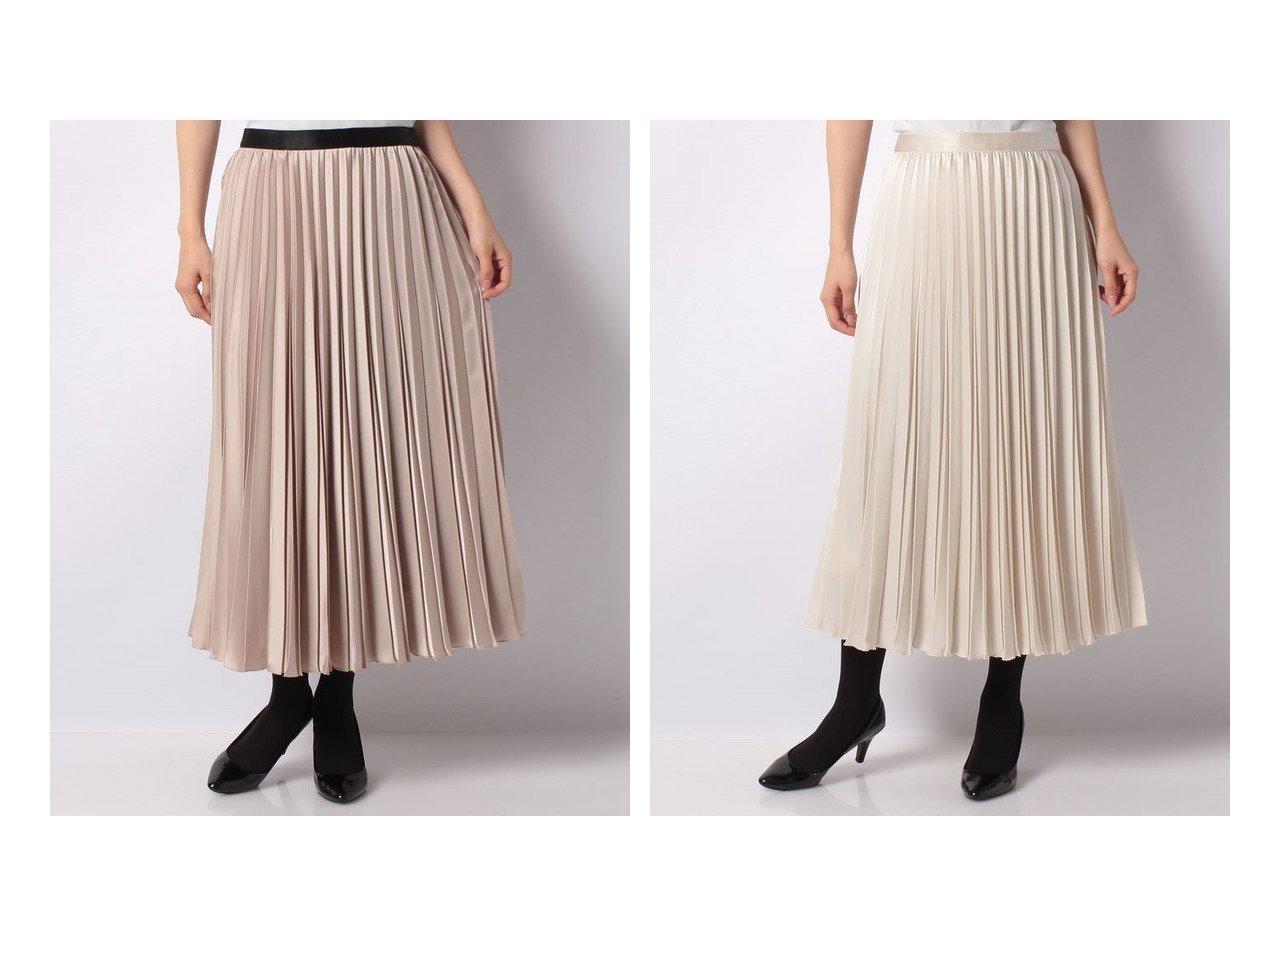 【ANAYI/アナイ】の【2021 Eternal Line】サテンプリーツスカート 【スカート】おすすめ!人気、トレンド・レディースファッションの通販   おすすめで人気の流行・トレンド、ファッションの通販商品 インテリア・家具・メンズファッション・キッズファッション・レディースファッション・服の通販 founy(ファニー) https://founy.com/ ファッション Fashion レディースファッション WOMEN スカート Skirt プリーツスカート Pleated Skirts エレガント サテン ダウン プリーツ ロング  ID:crp329100000064816